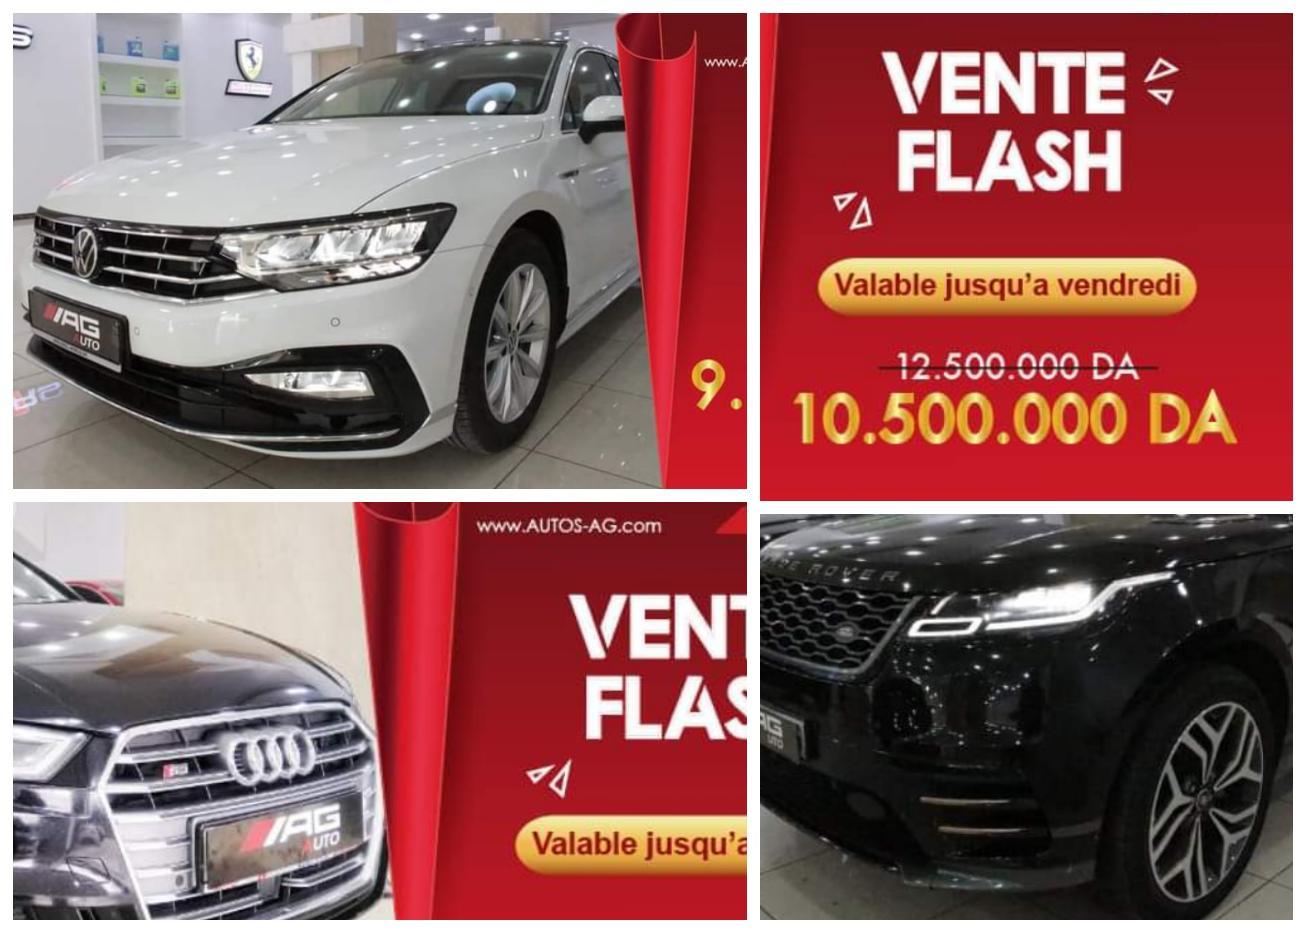 Vente flash : remise de 200 millions sur… la Mustang - Algérie